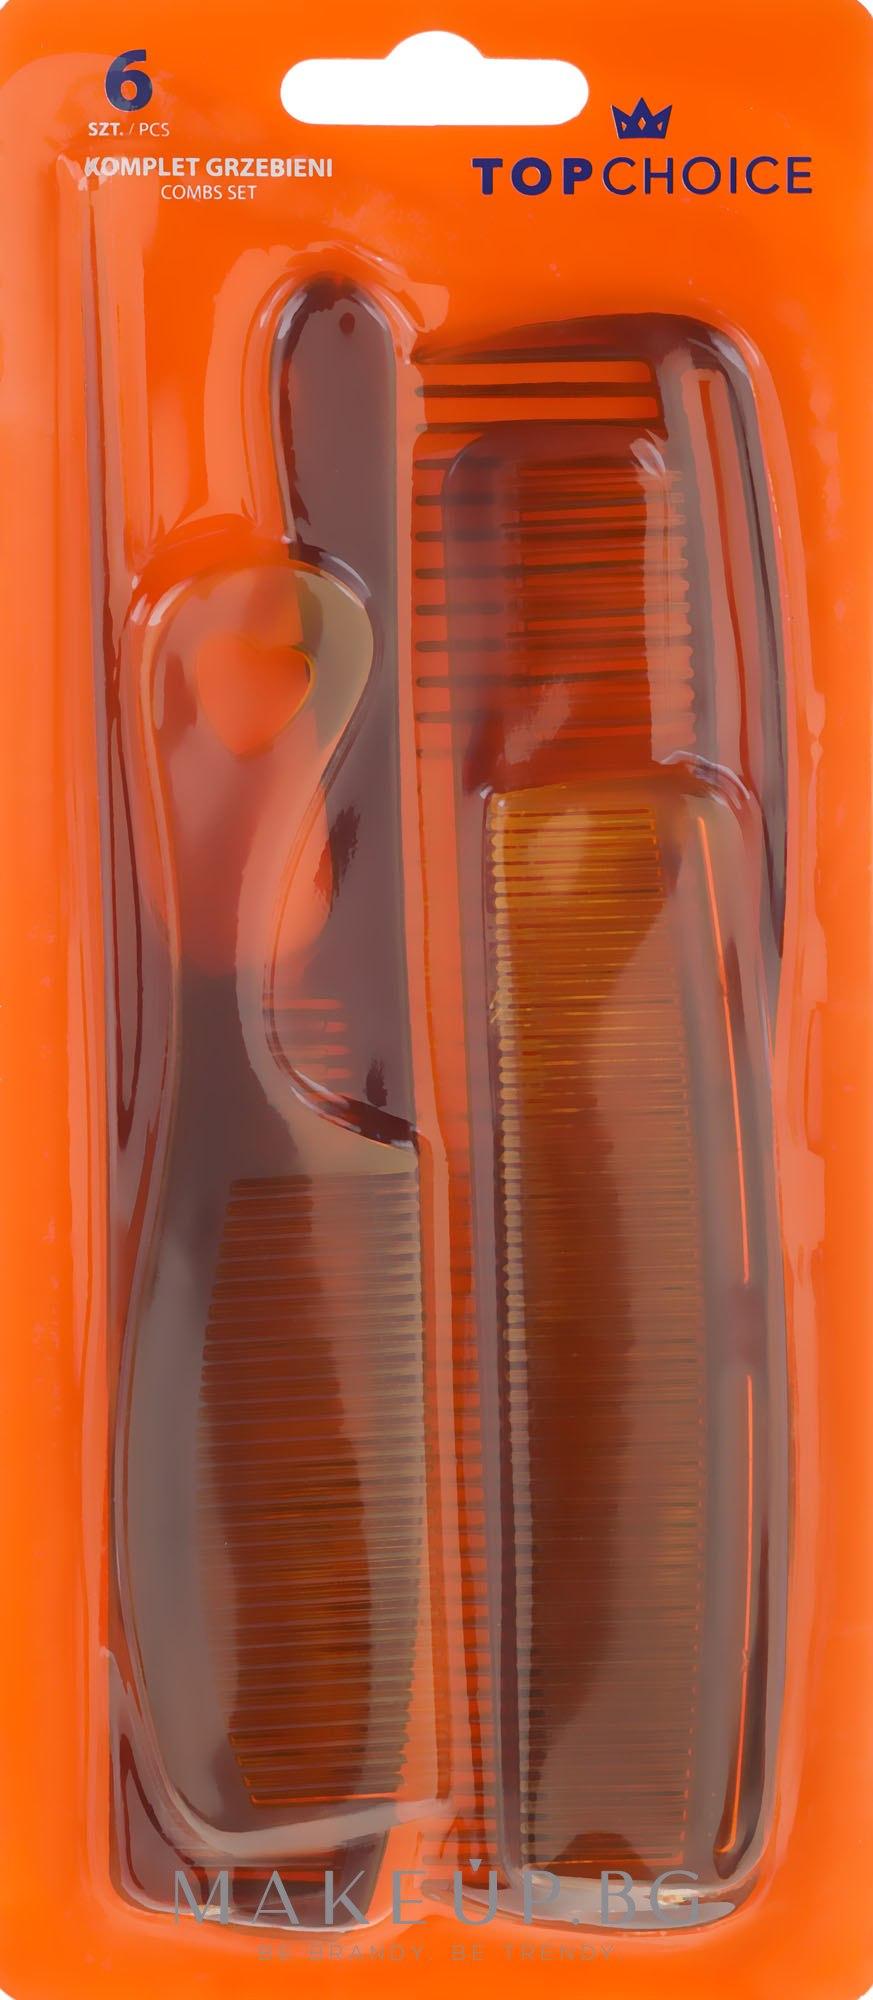 Комплект гребени за коса, 60465 - Top Choice — снимка 6 бр